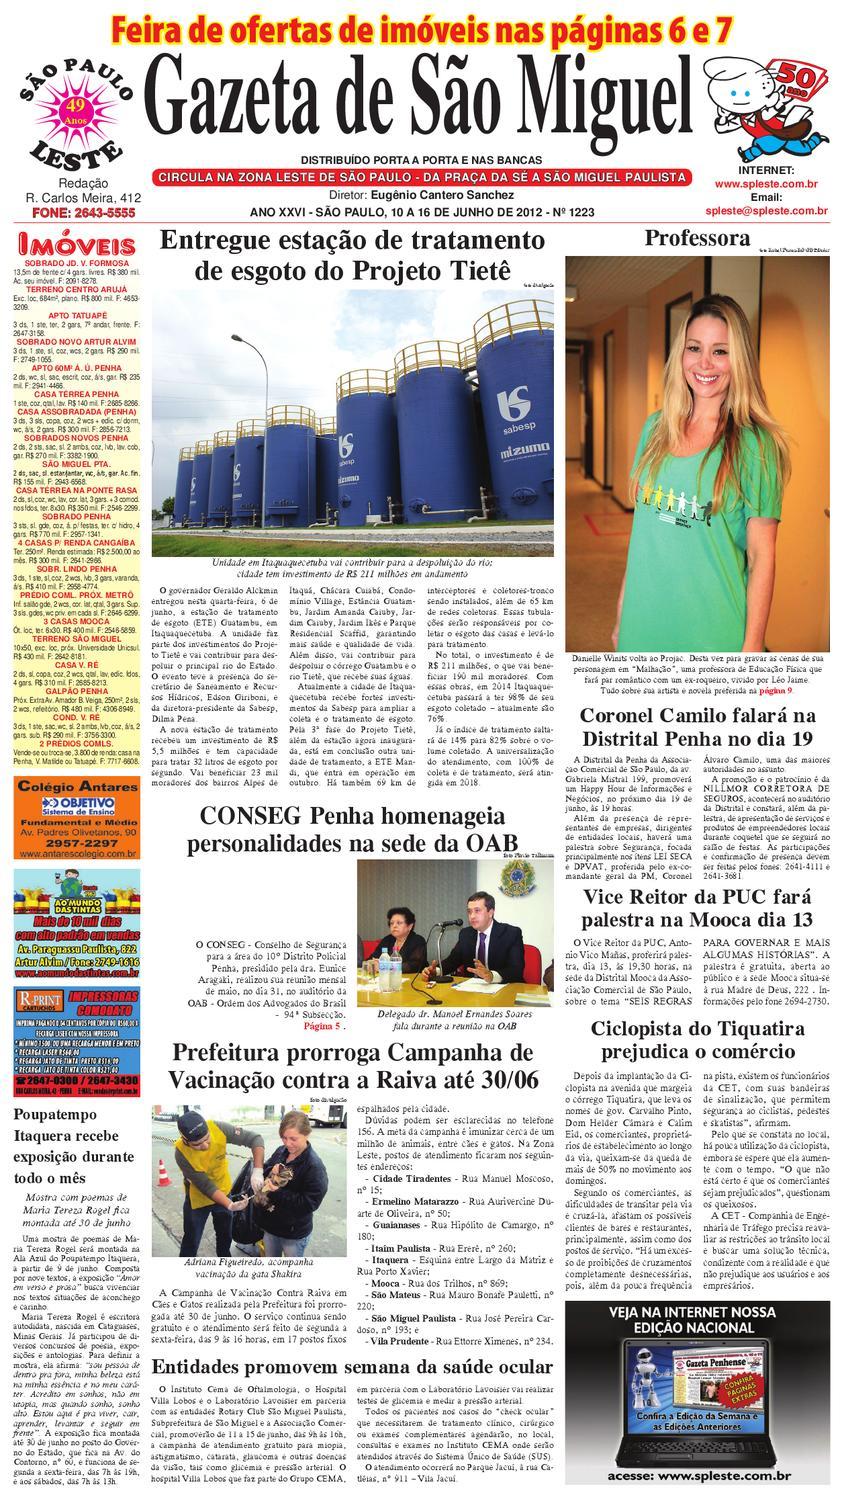 49309f2dc Gazeta de São Miguel - 10 a 16 de junho de 2012 by São Paulo Leste - issuu